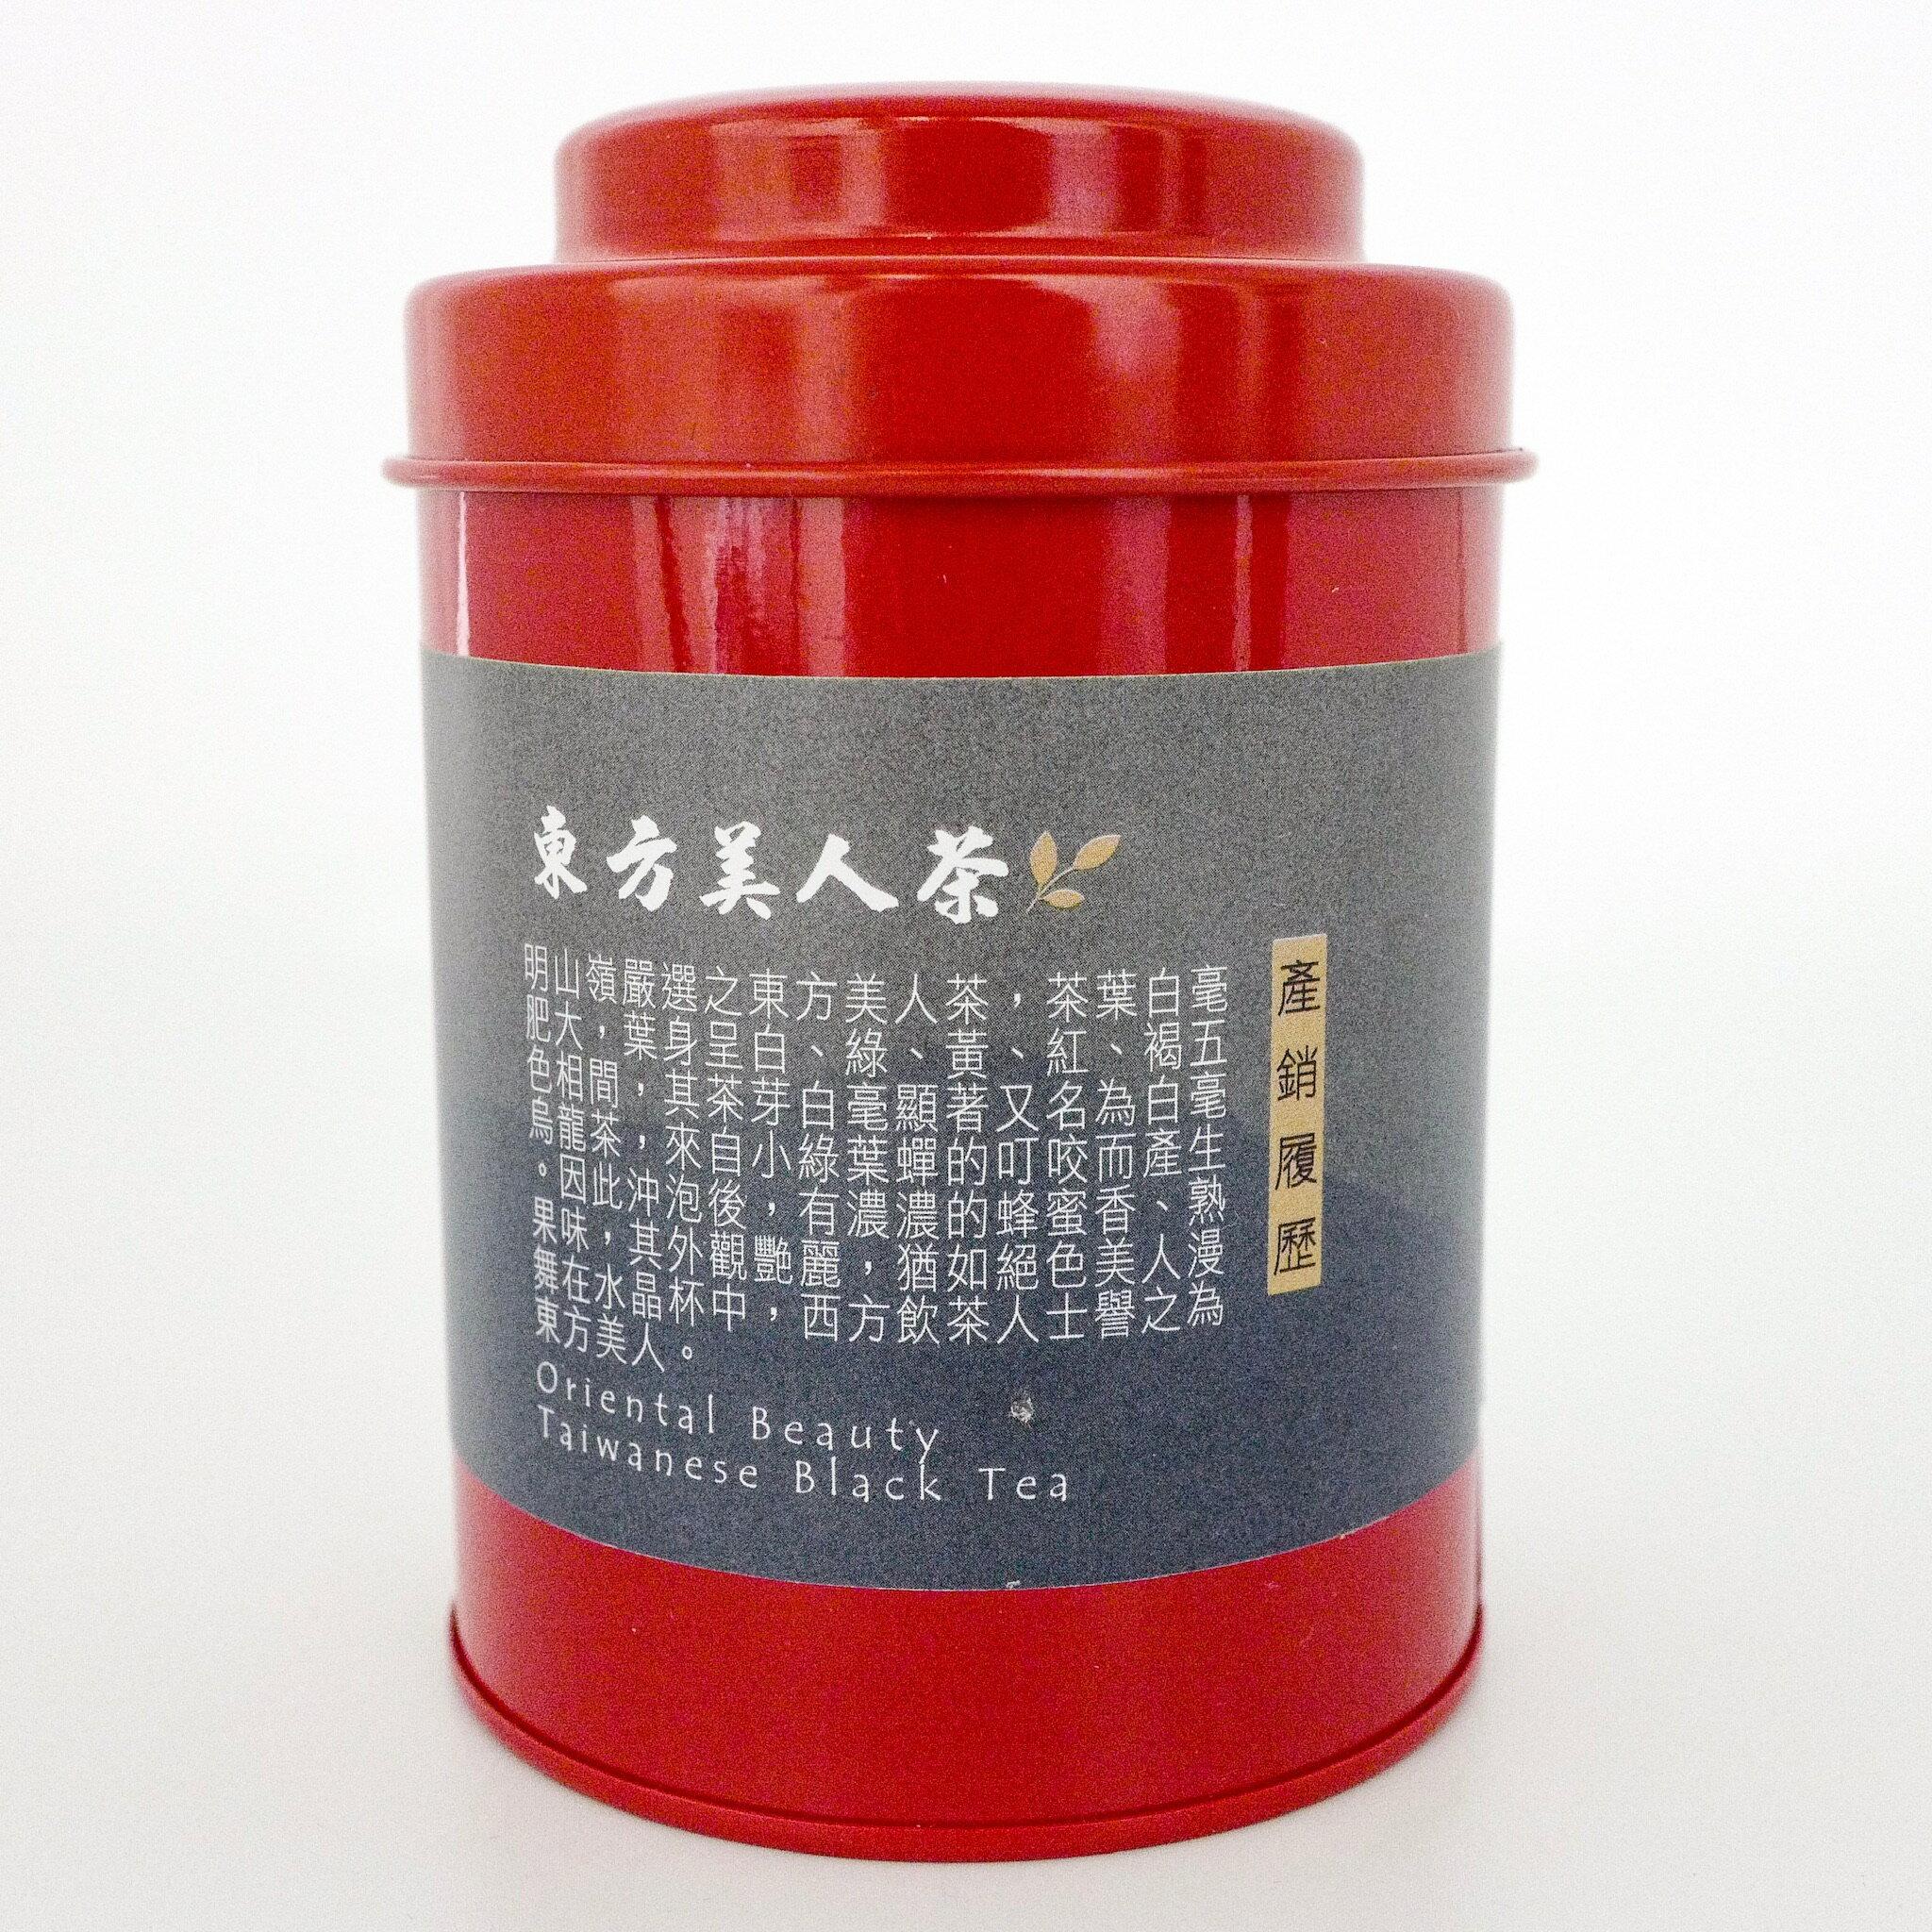 【明山嶺】嚴選 三峽 東方美人 20g  茶葉 台灣茶 泡茶